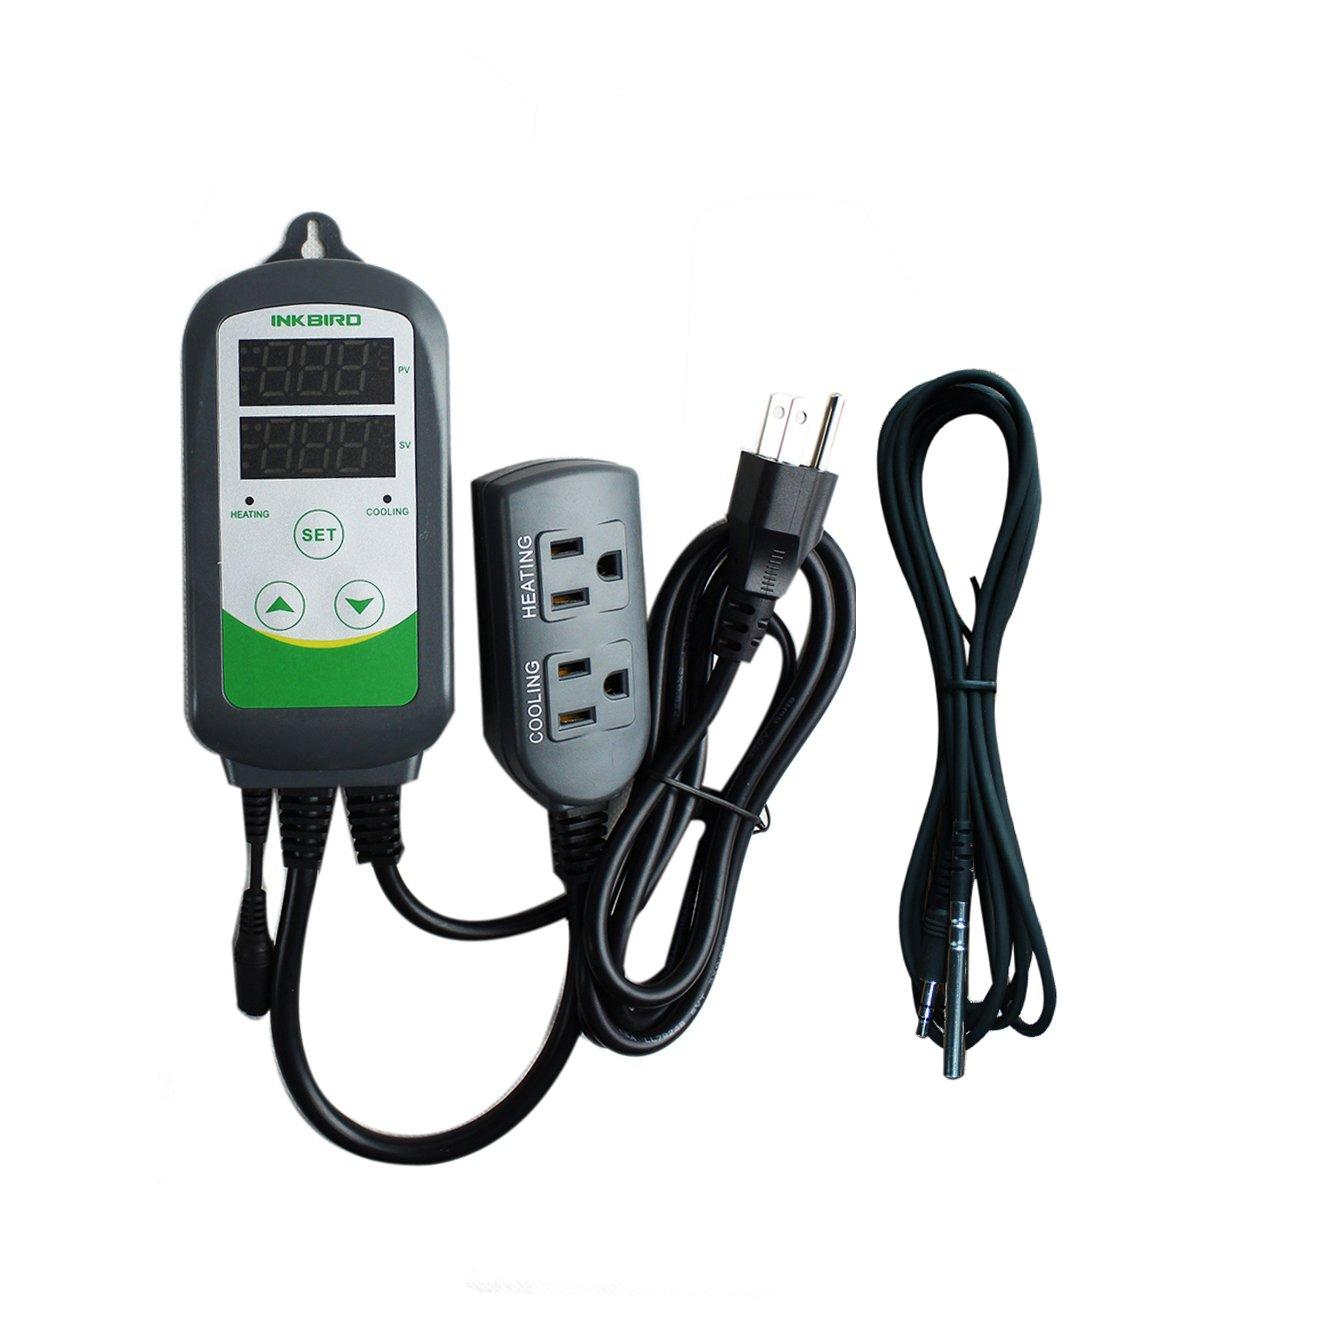 Hatching 110V Digital Temperature Controller Thermostats w/ Sensor #208D37